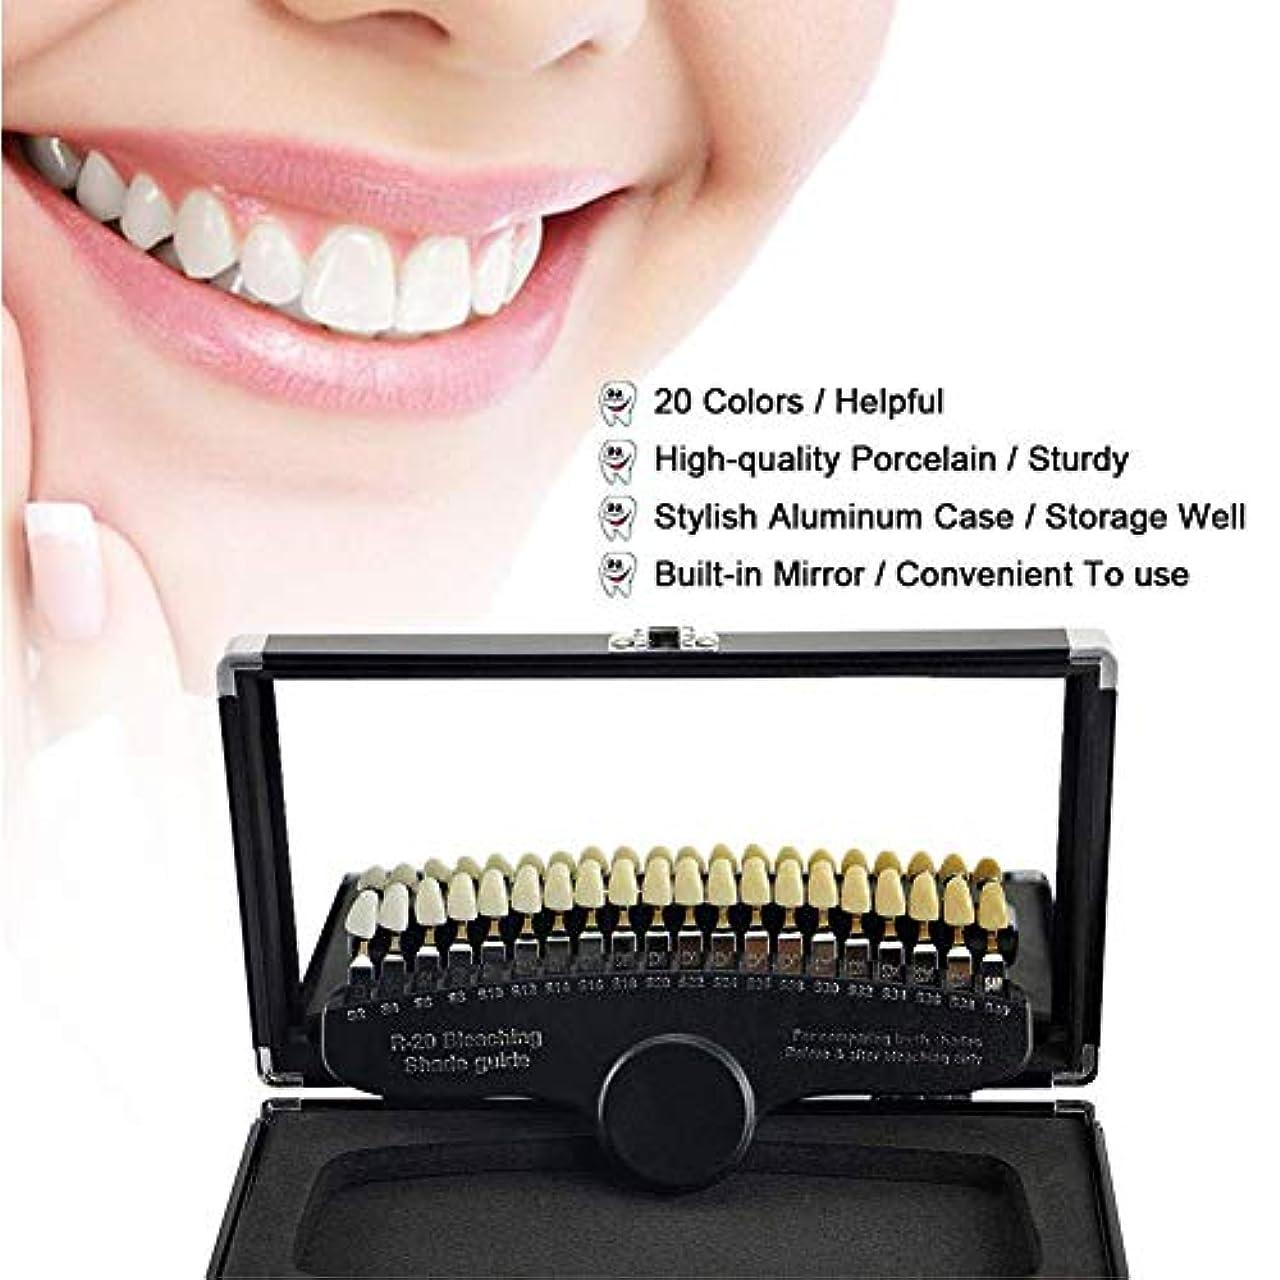 友情墓地収束するミラー付き歯科用歯のホワイトニングカラーパレット、コントラスト20色の真の歯の形状の前後の冷光ホワイトニング、プロの歯のホワイトニング、クリーニング、修復用